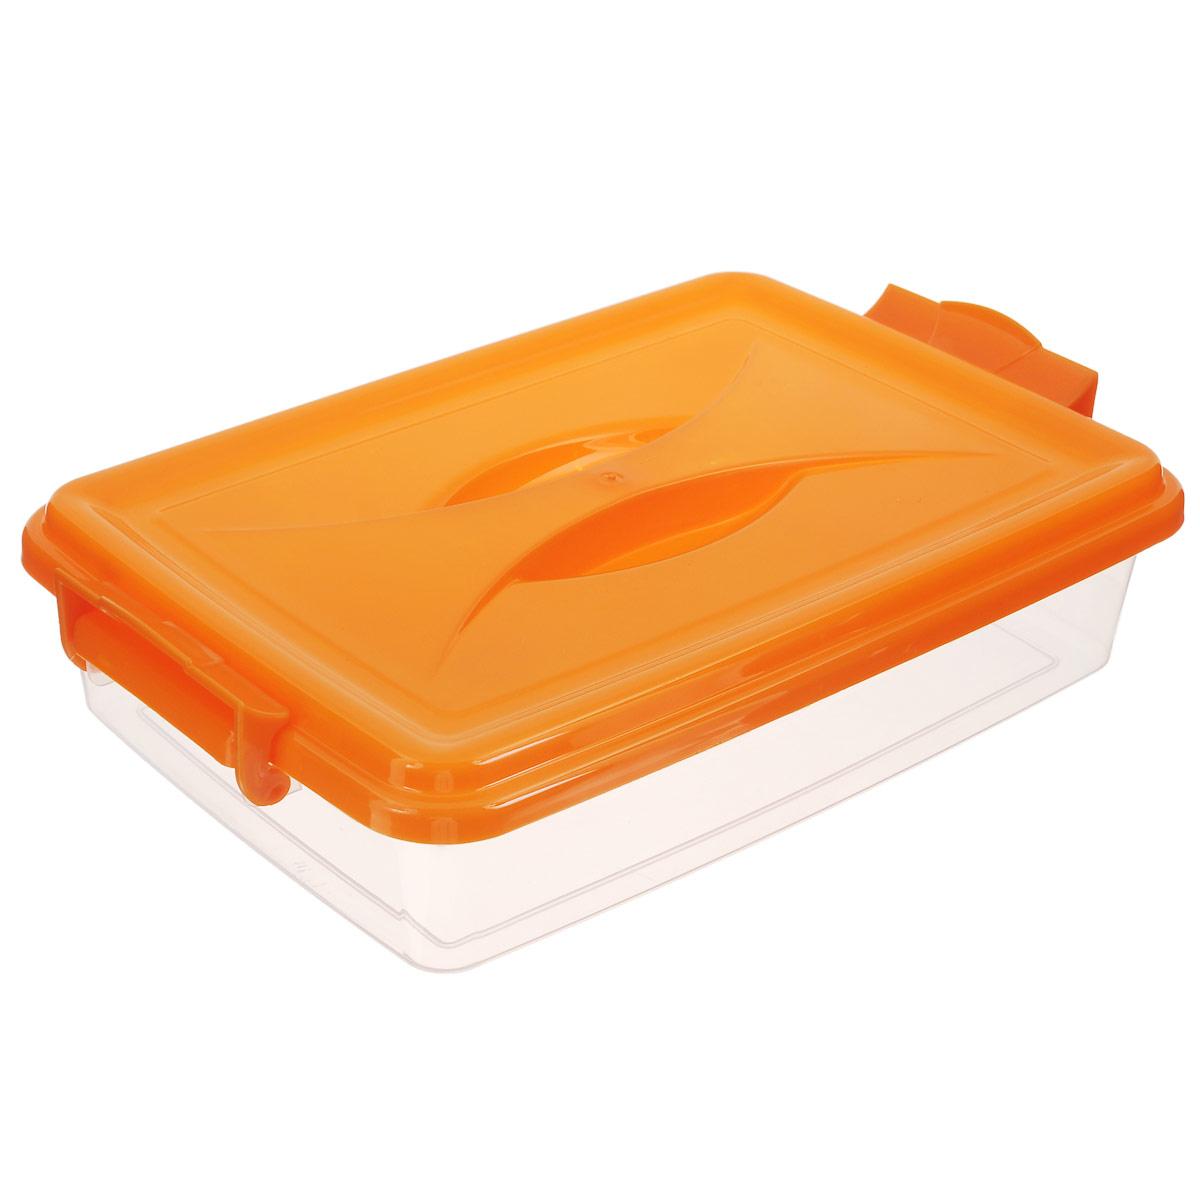 Контейнер Альтернатива, цвет: прозрачный, оранжевый, 4,5 лМ574Контейнер Альтернатива выполнен из прочного пластика. Он предназначен для хранения различных мелких вещей. Крышка легко открывается и плотно закрывается. Прозрачные стенки позволяют видеть содержимое. По бокам предусмотрены две удобные ручки, с помощью которых контейнер закрывается.Контейнер поможет хранить все в одном месте, а также защитить вещи от пыли, грязи и влаги.